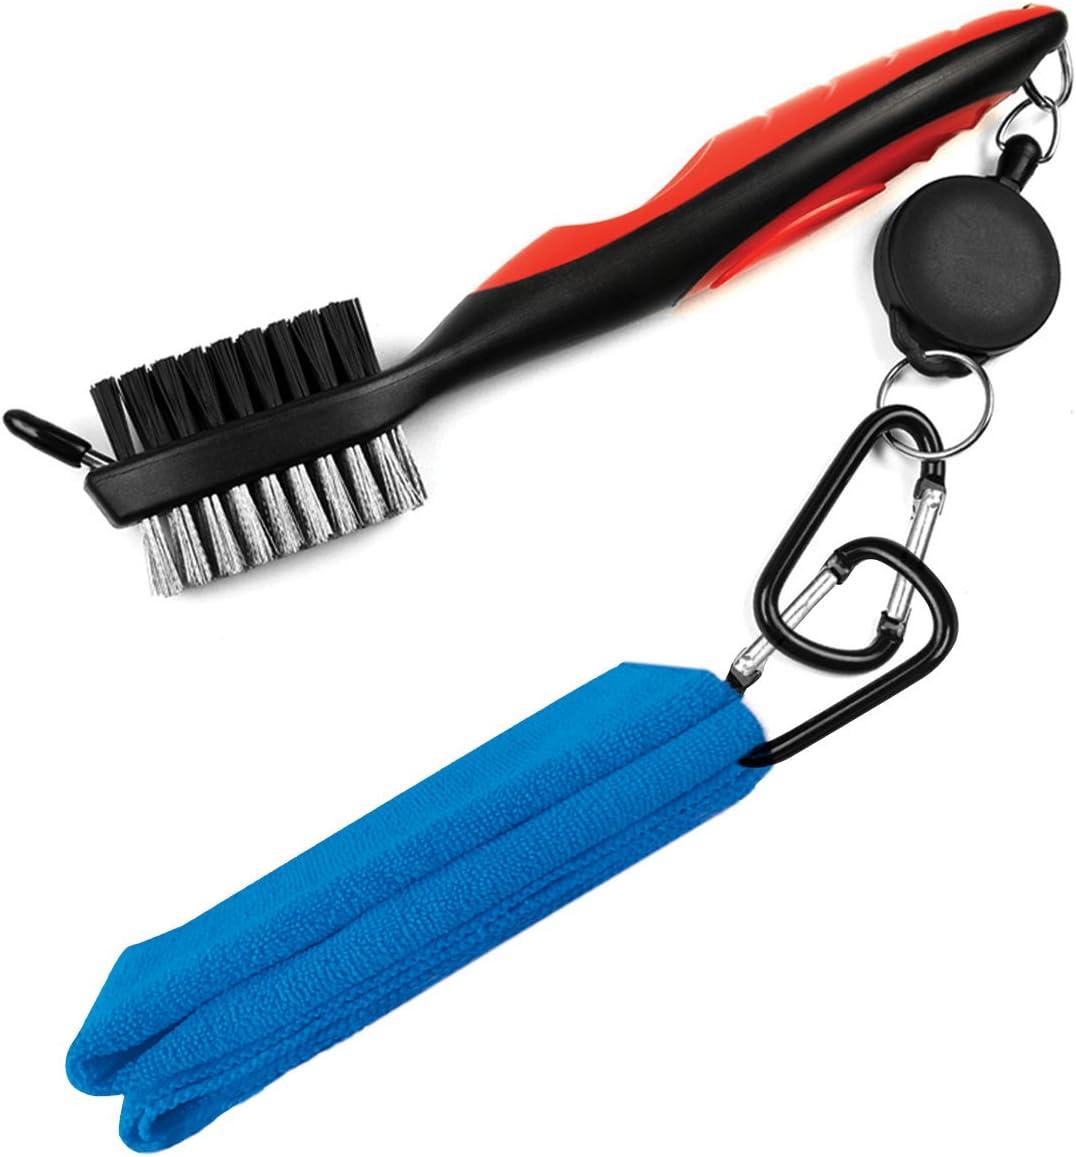 LeRan - Kit de limpieza para palos de golf, formado por cepillo retráctil y juego de toallas de microfibra 2en 1, con mosquetón de aluminio